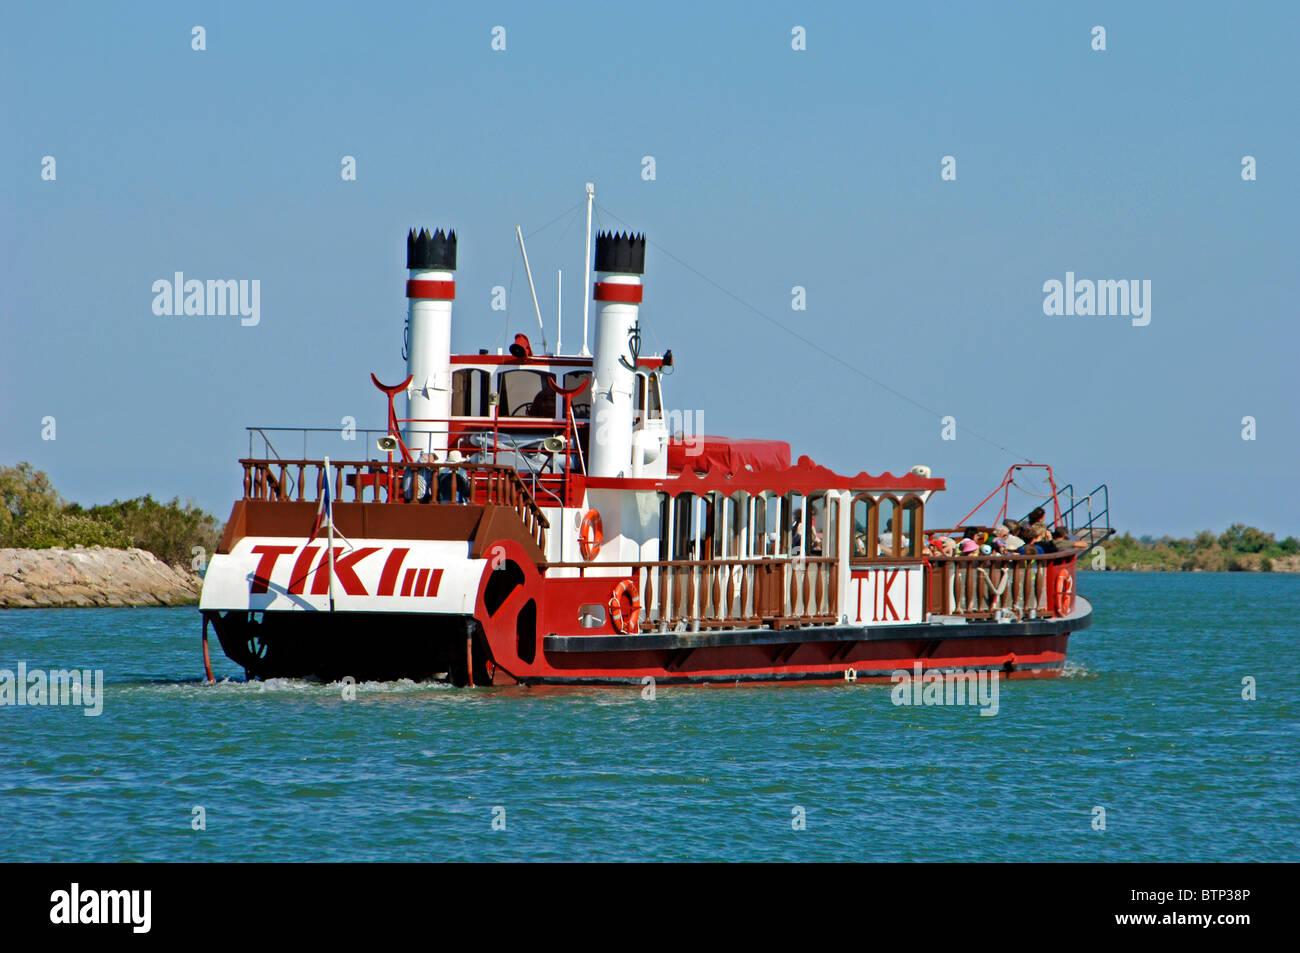 La Paleta Cruiser o turista viaje en barco en el Tiki III sobre el río Ródano cerca Les-Saintes-Maries Imagen De Stock